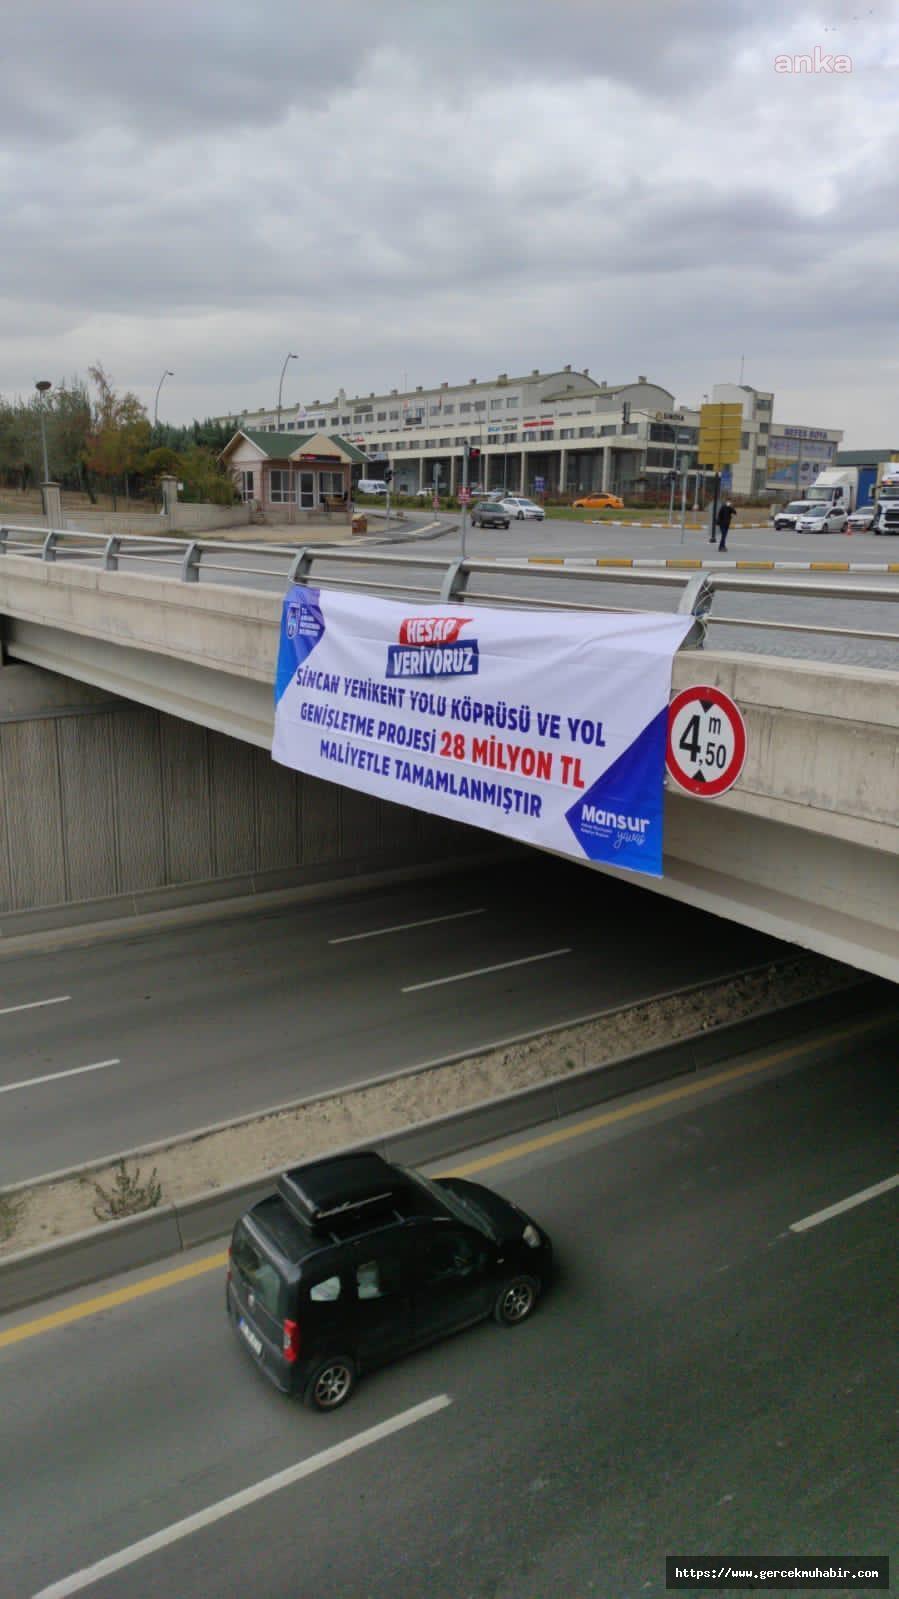 """Mansur Yavaş """"Hesap veriyoruz"""" diyerek Sincan Yenikent Kavşağı'nın maliyetini açıkladı"""